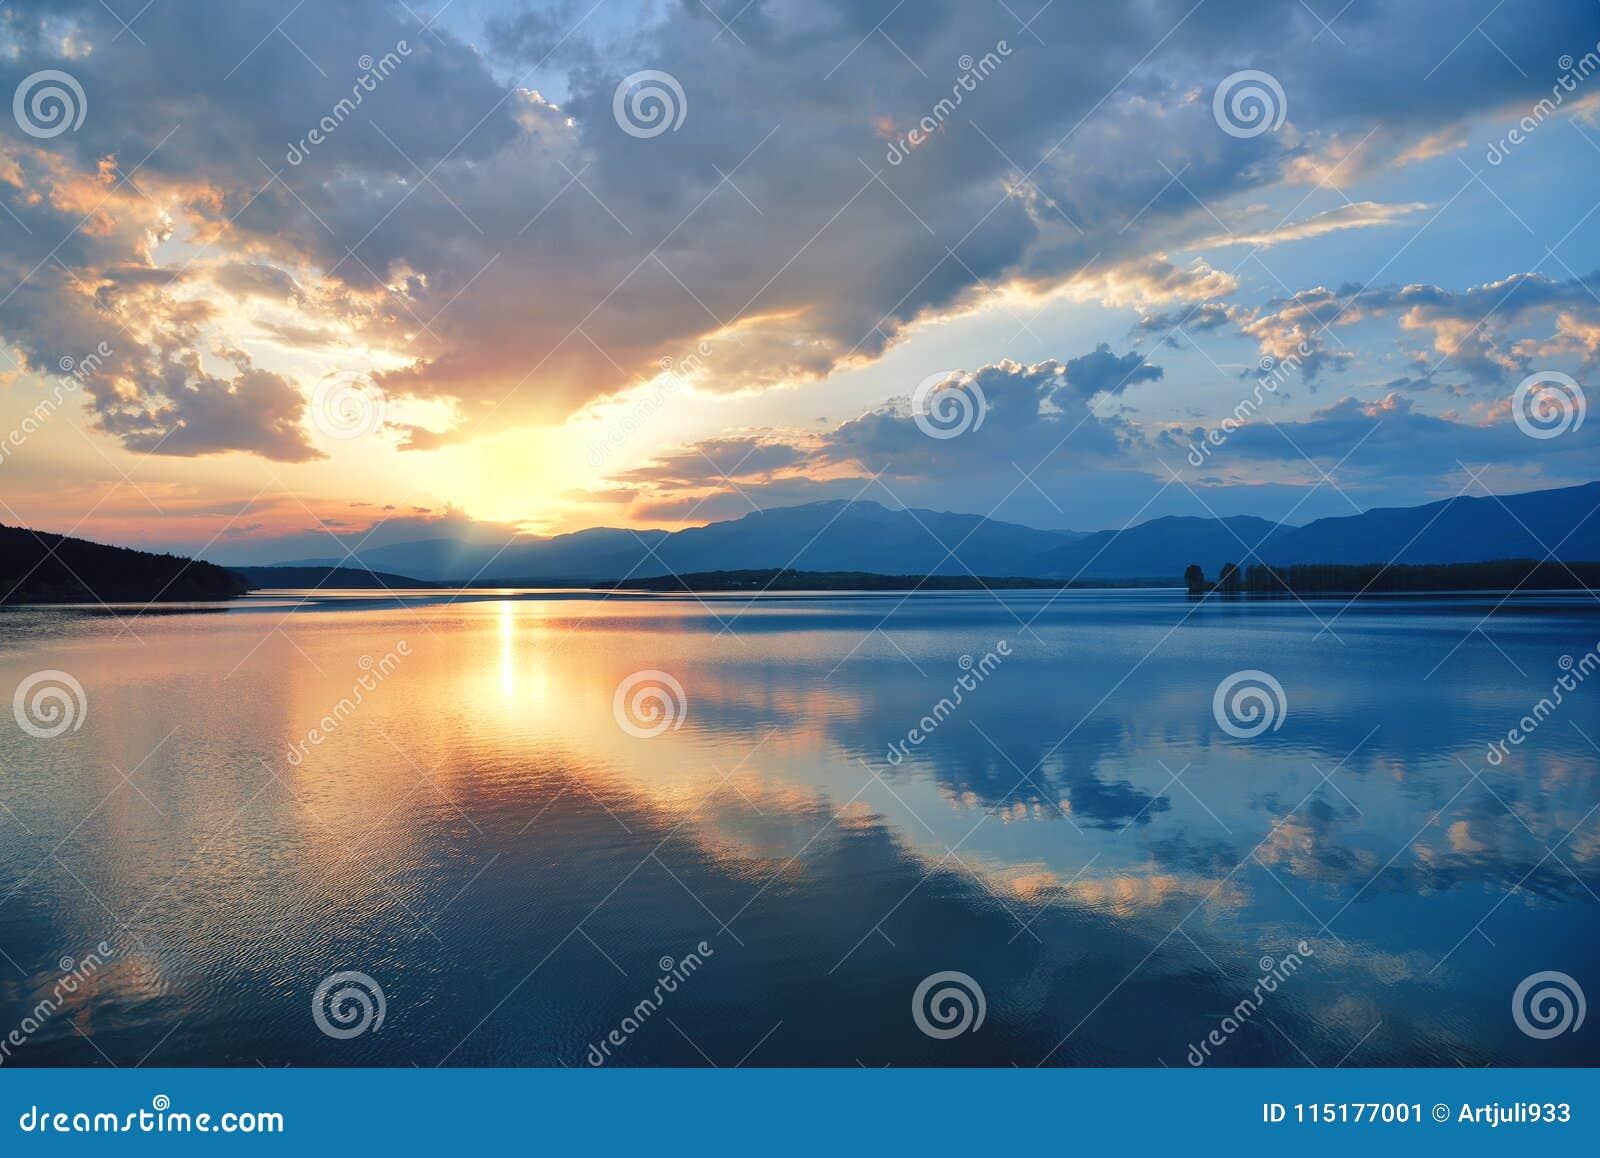 Niesamowicie piękny zmierzch Słońce, jezioro Zmierzch lub wschodu słońca krajobraz, panorama piękna natura Niebo zadziwiające kol